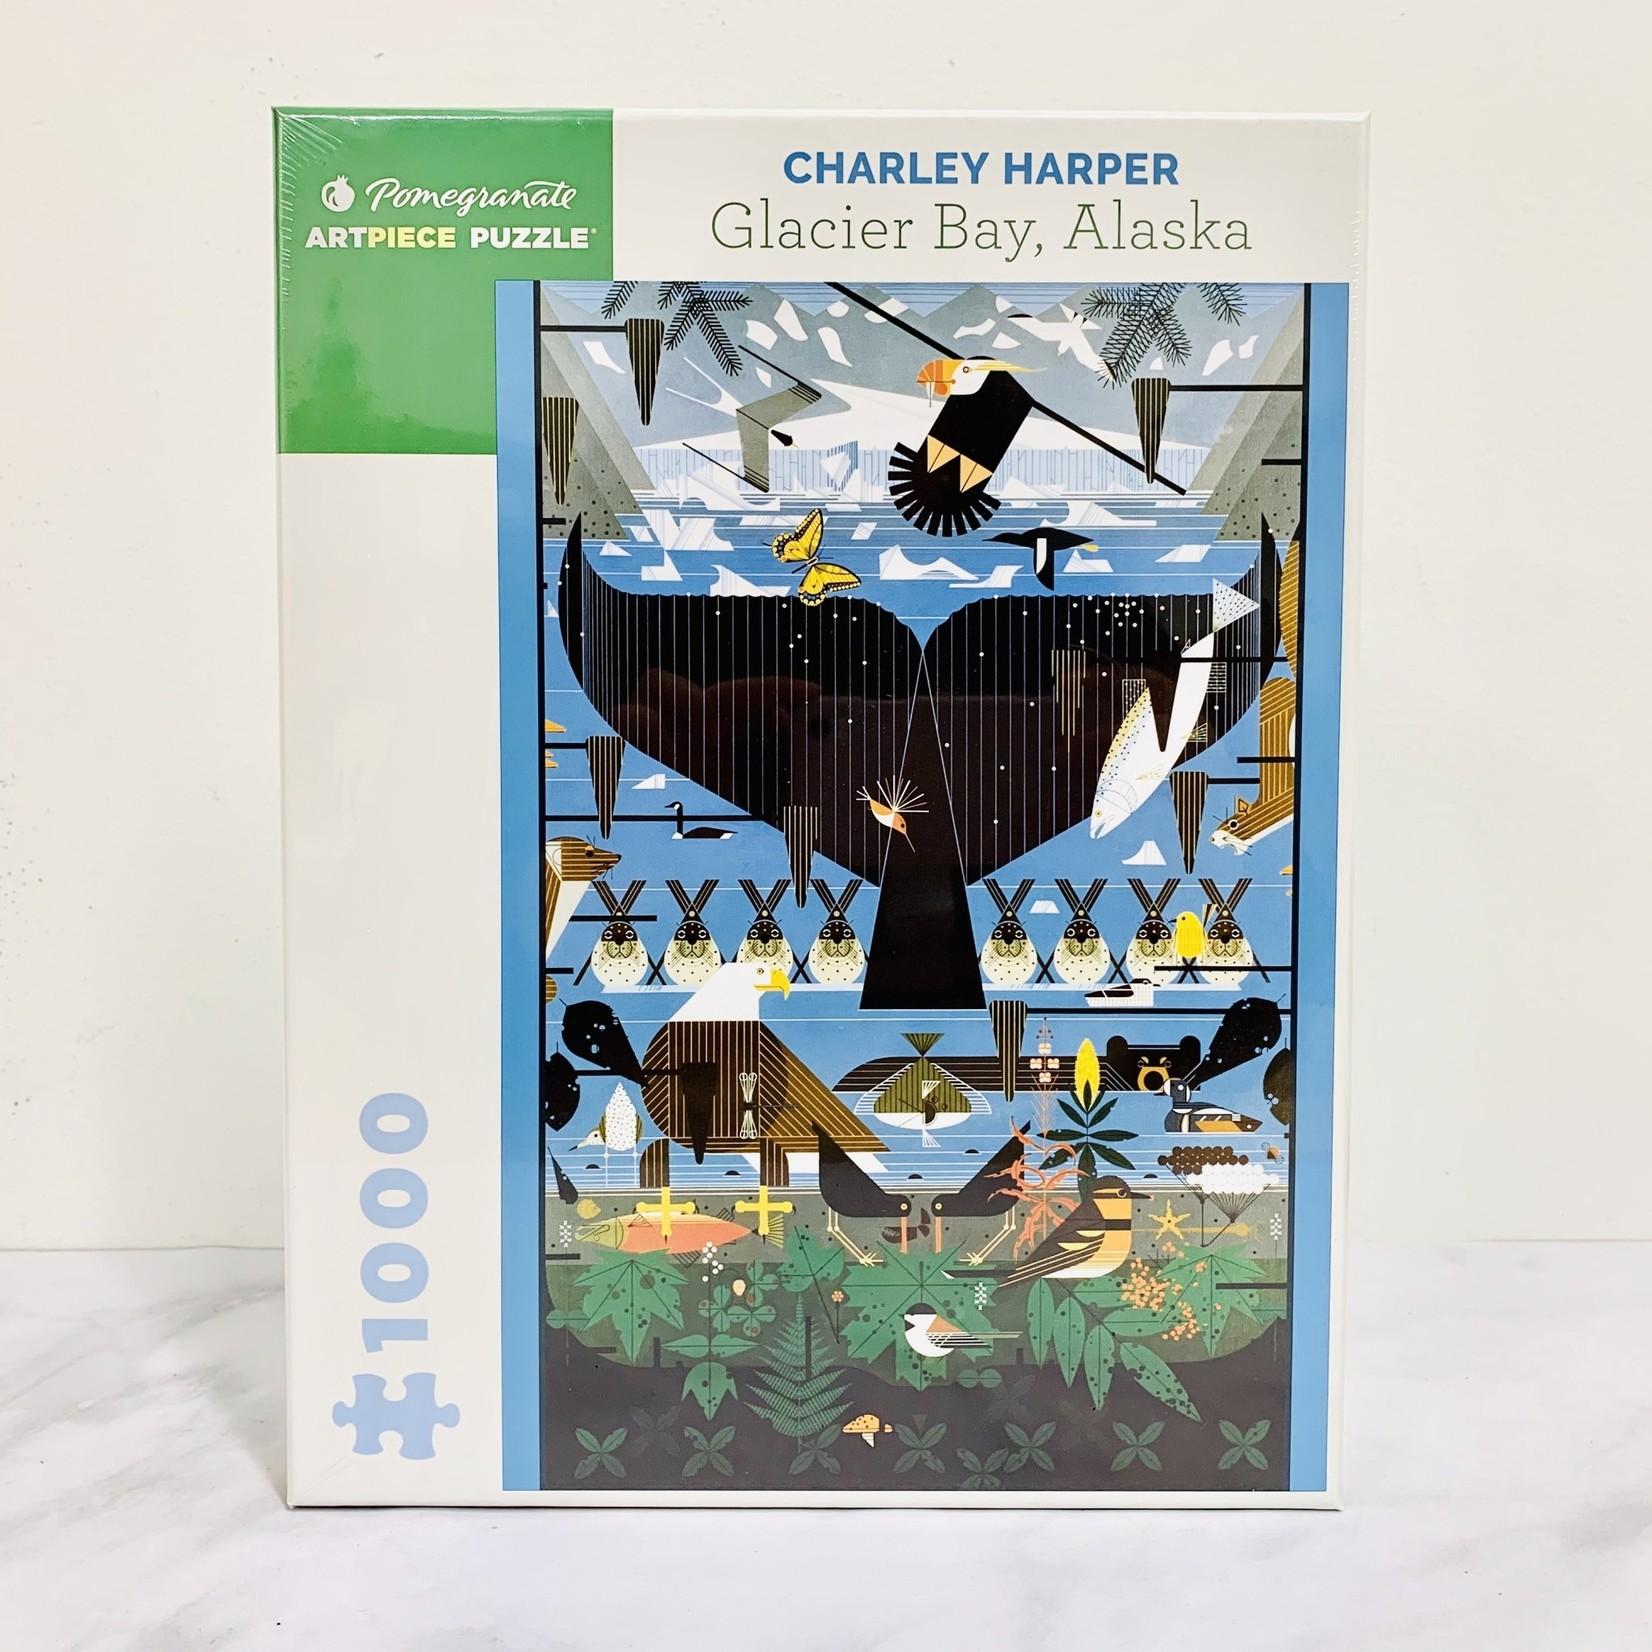 CHARLEY HARPER GLACIER BAY PUZZLE